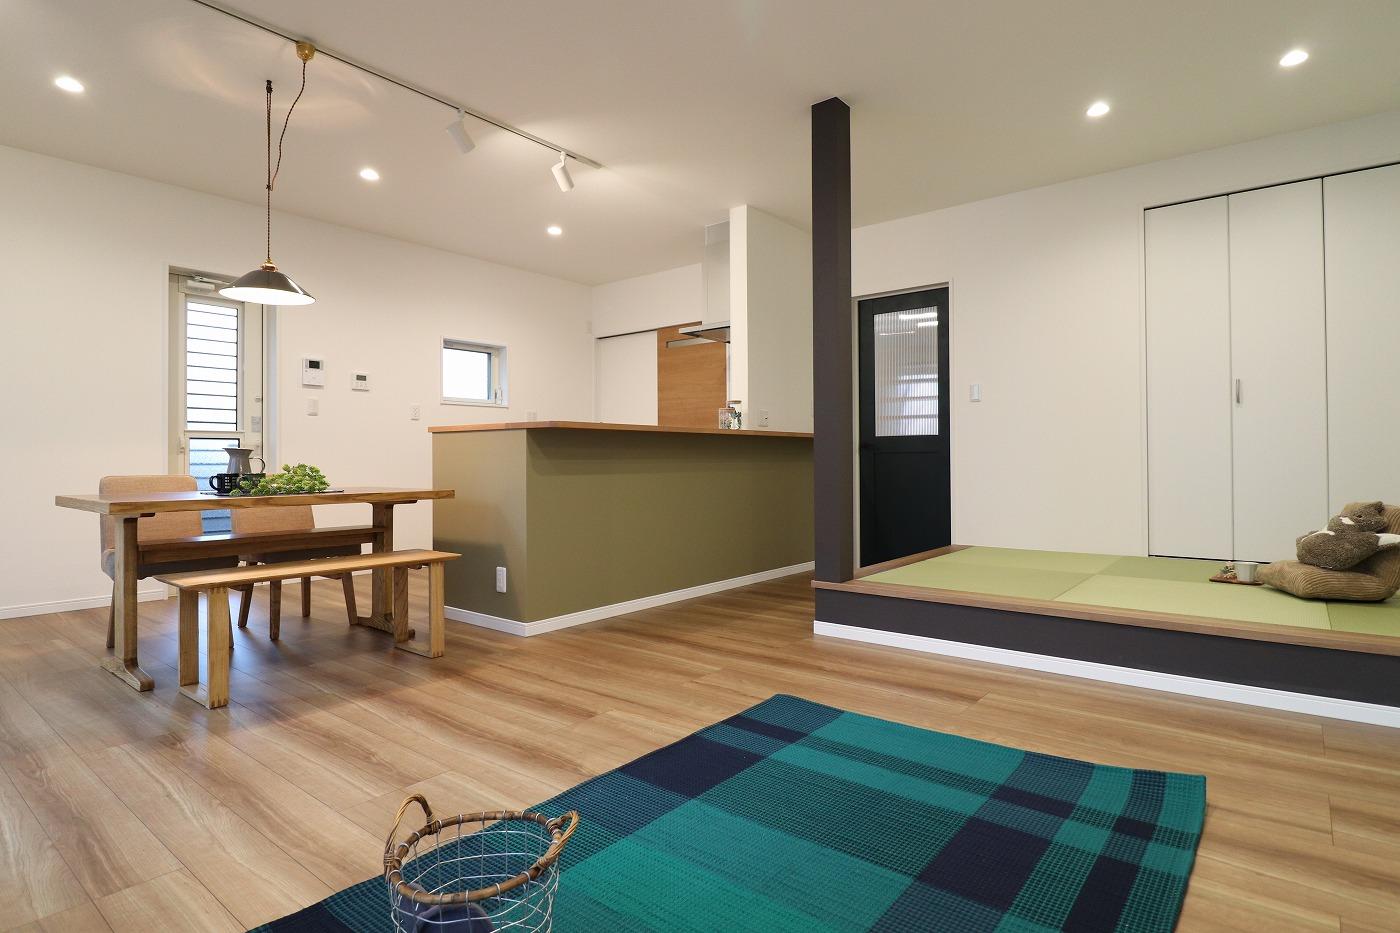 高松市高松町の新築分譲住宅のLDKリビング畳